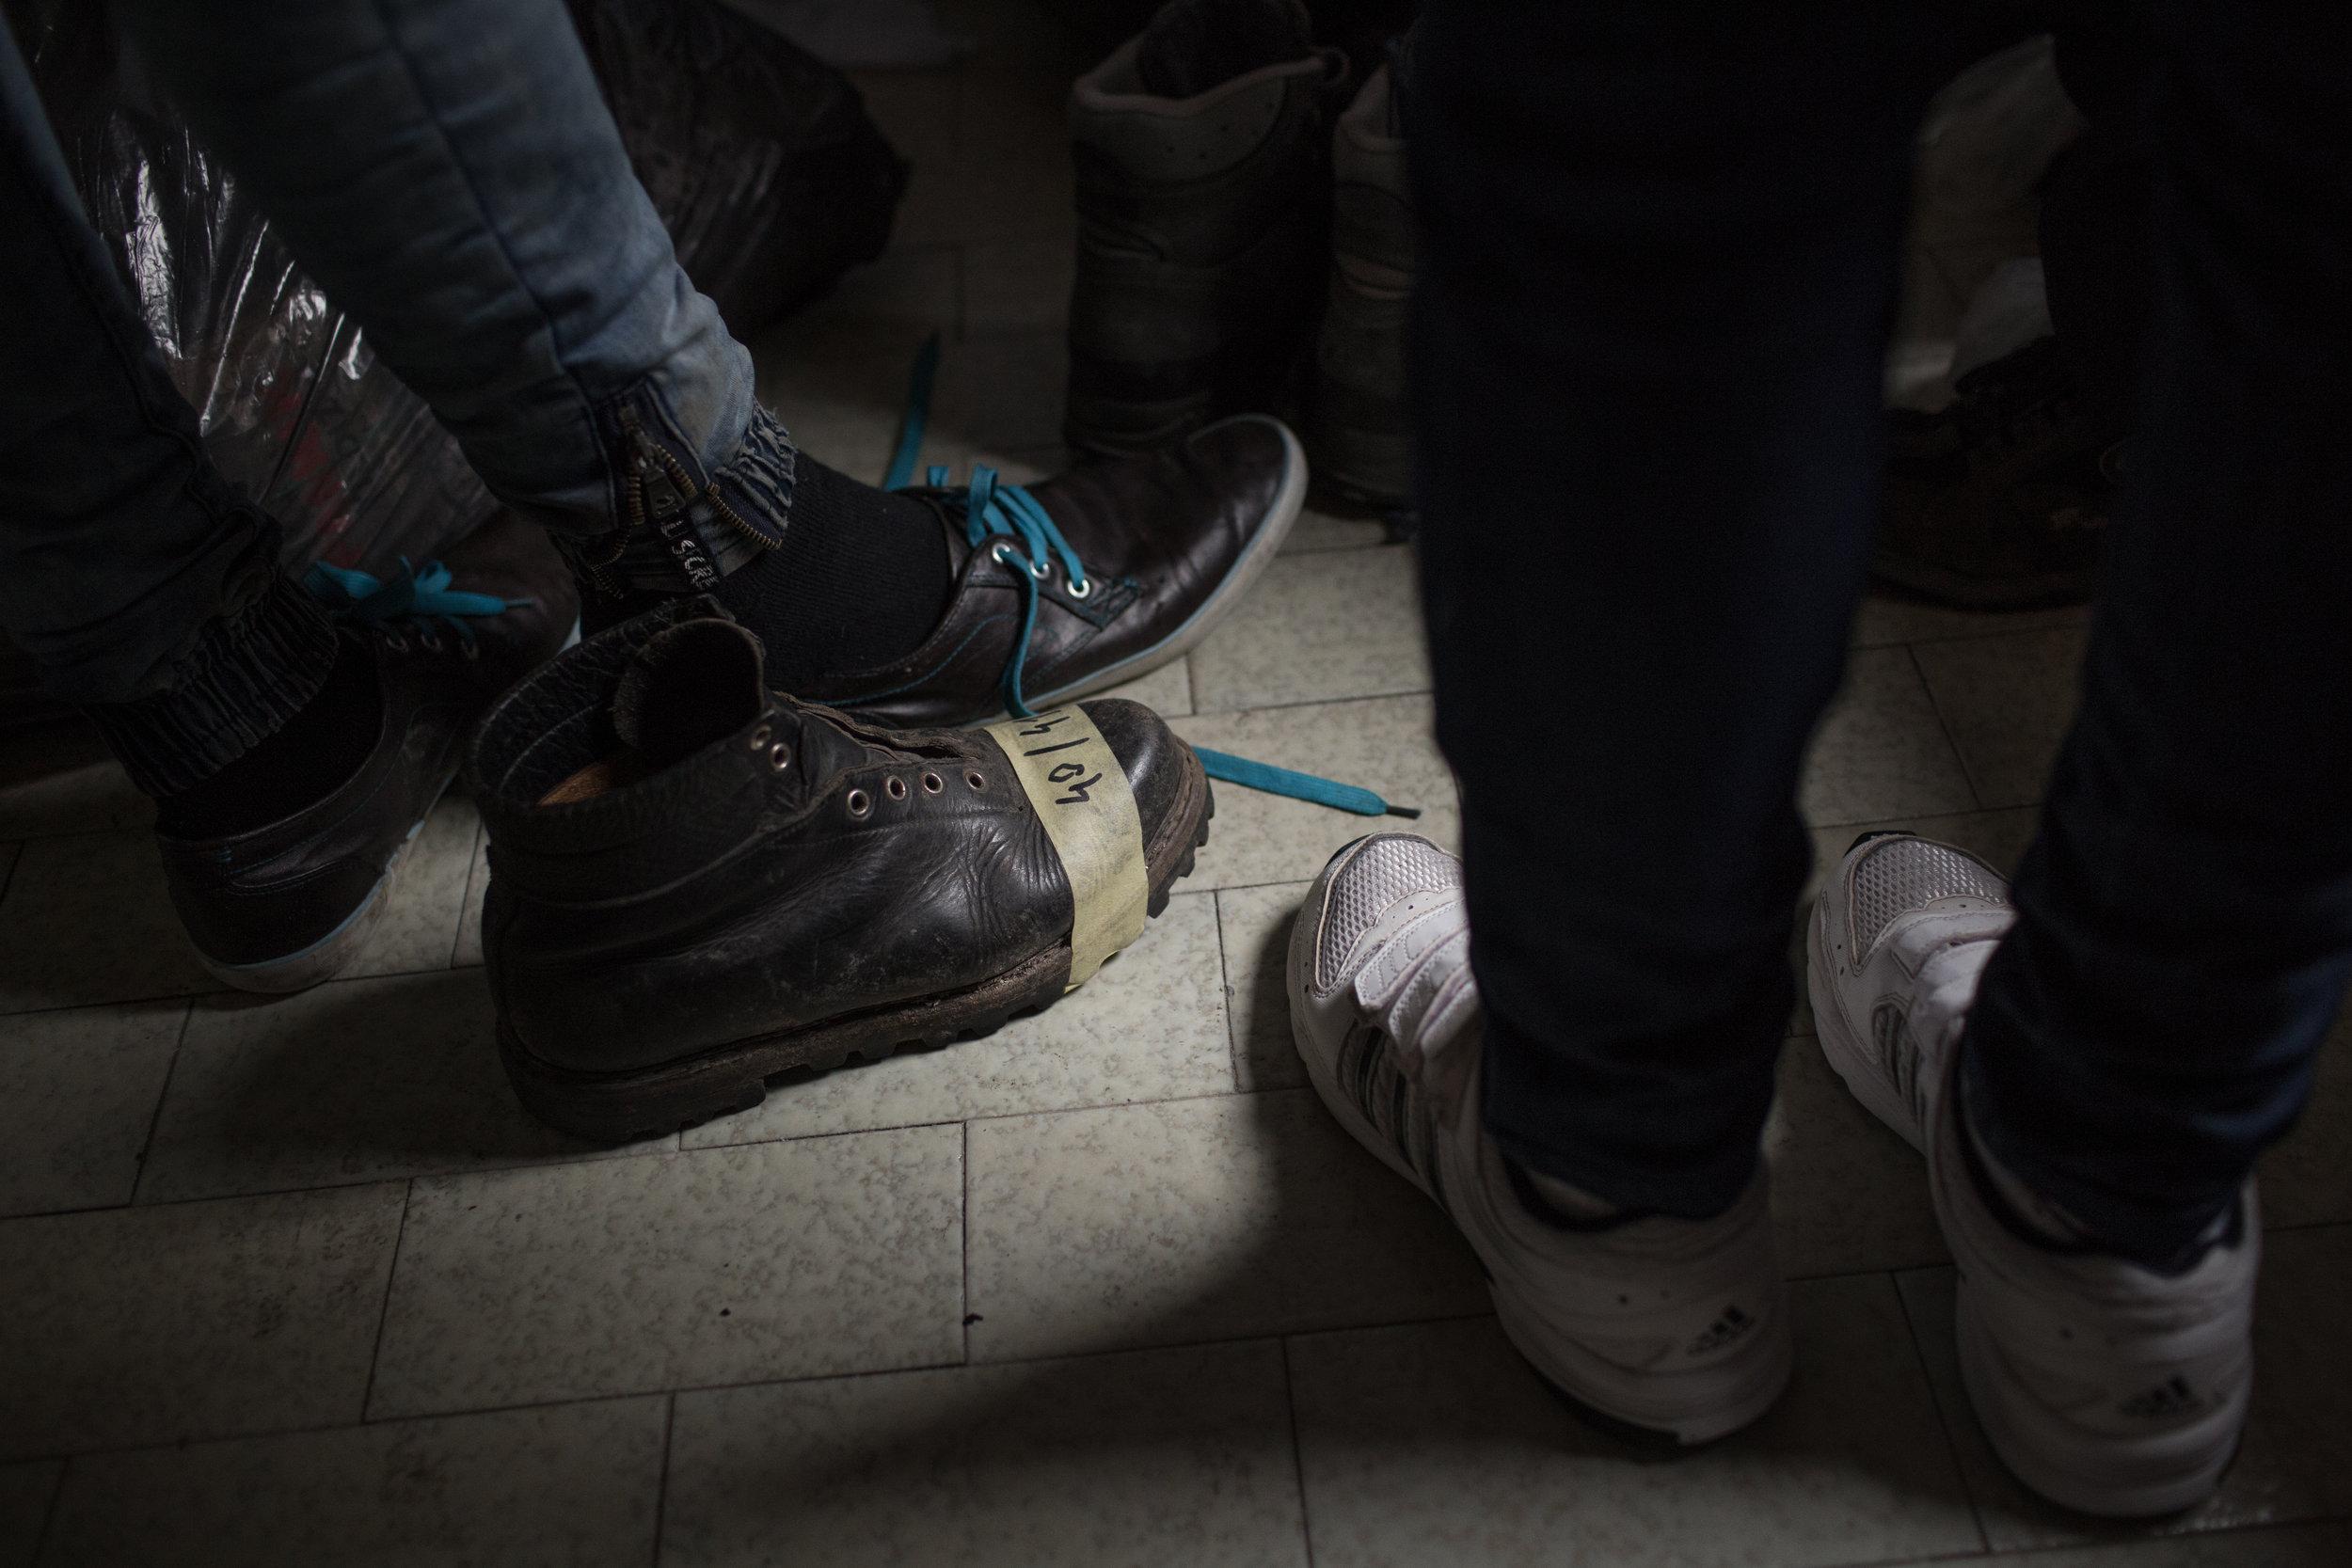 NGOs give migrants dry and clean clothing and footwear, Velika Kladuša, BiH.